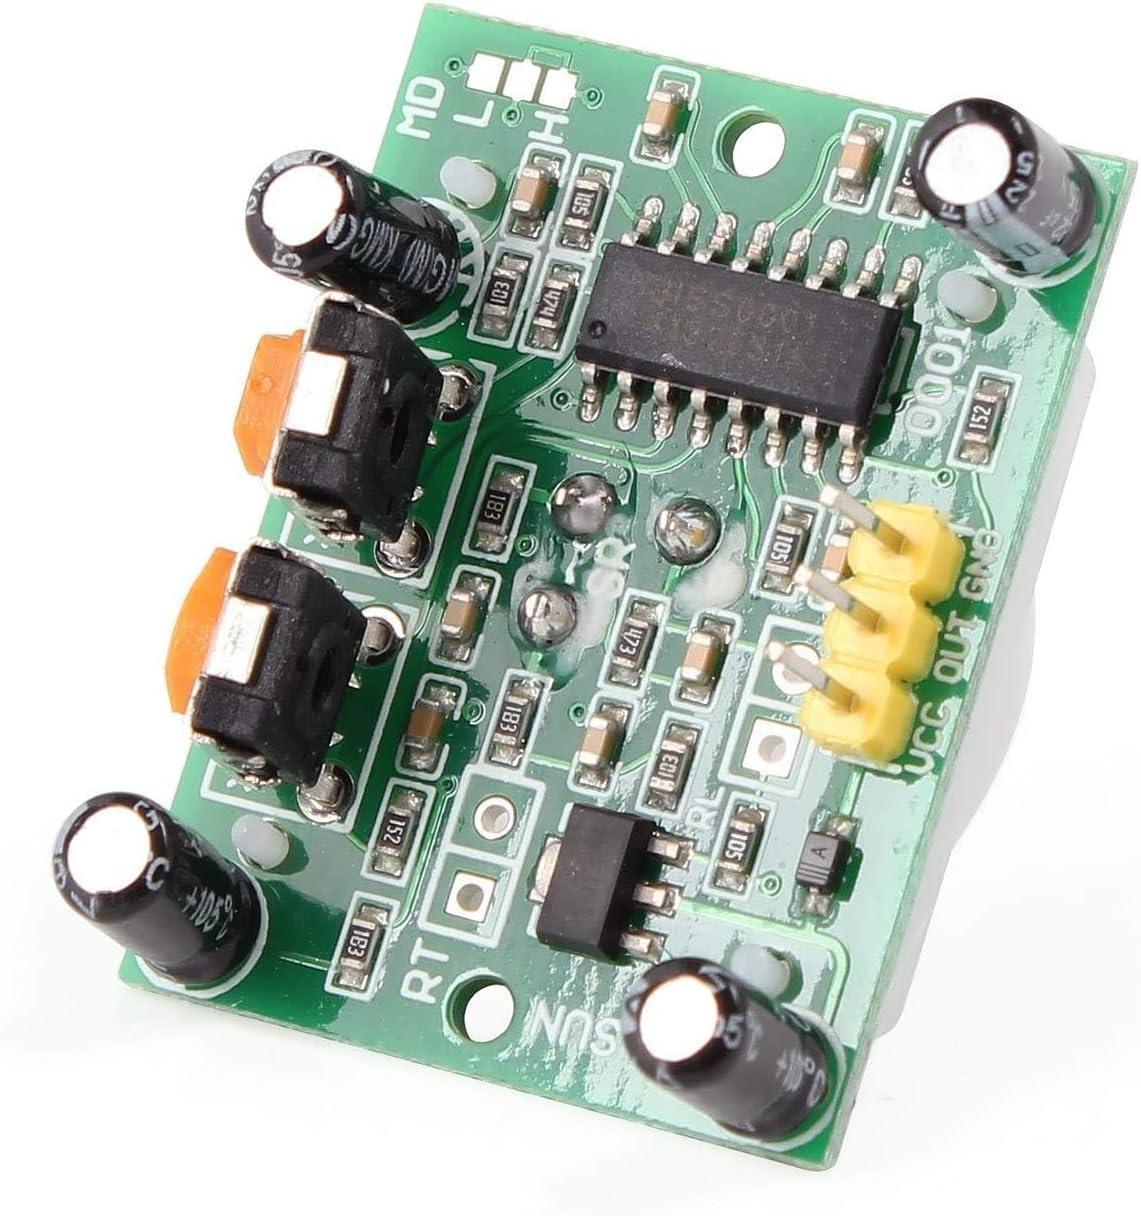 Movilideas Detector de Movimiento 5 Unidades M/ódulo Sensor de Movimiento PIR HC-SR501 con Salida Digital Sensor por Infrarrojos